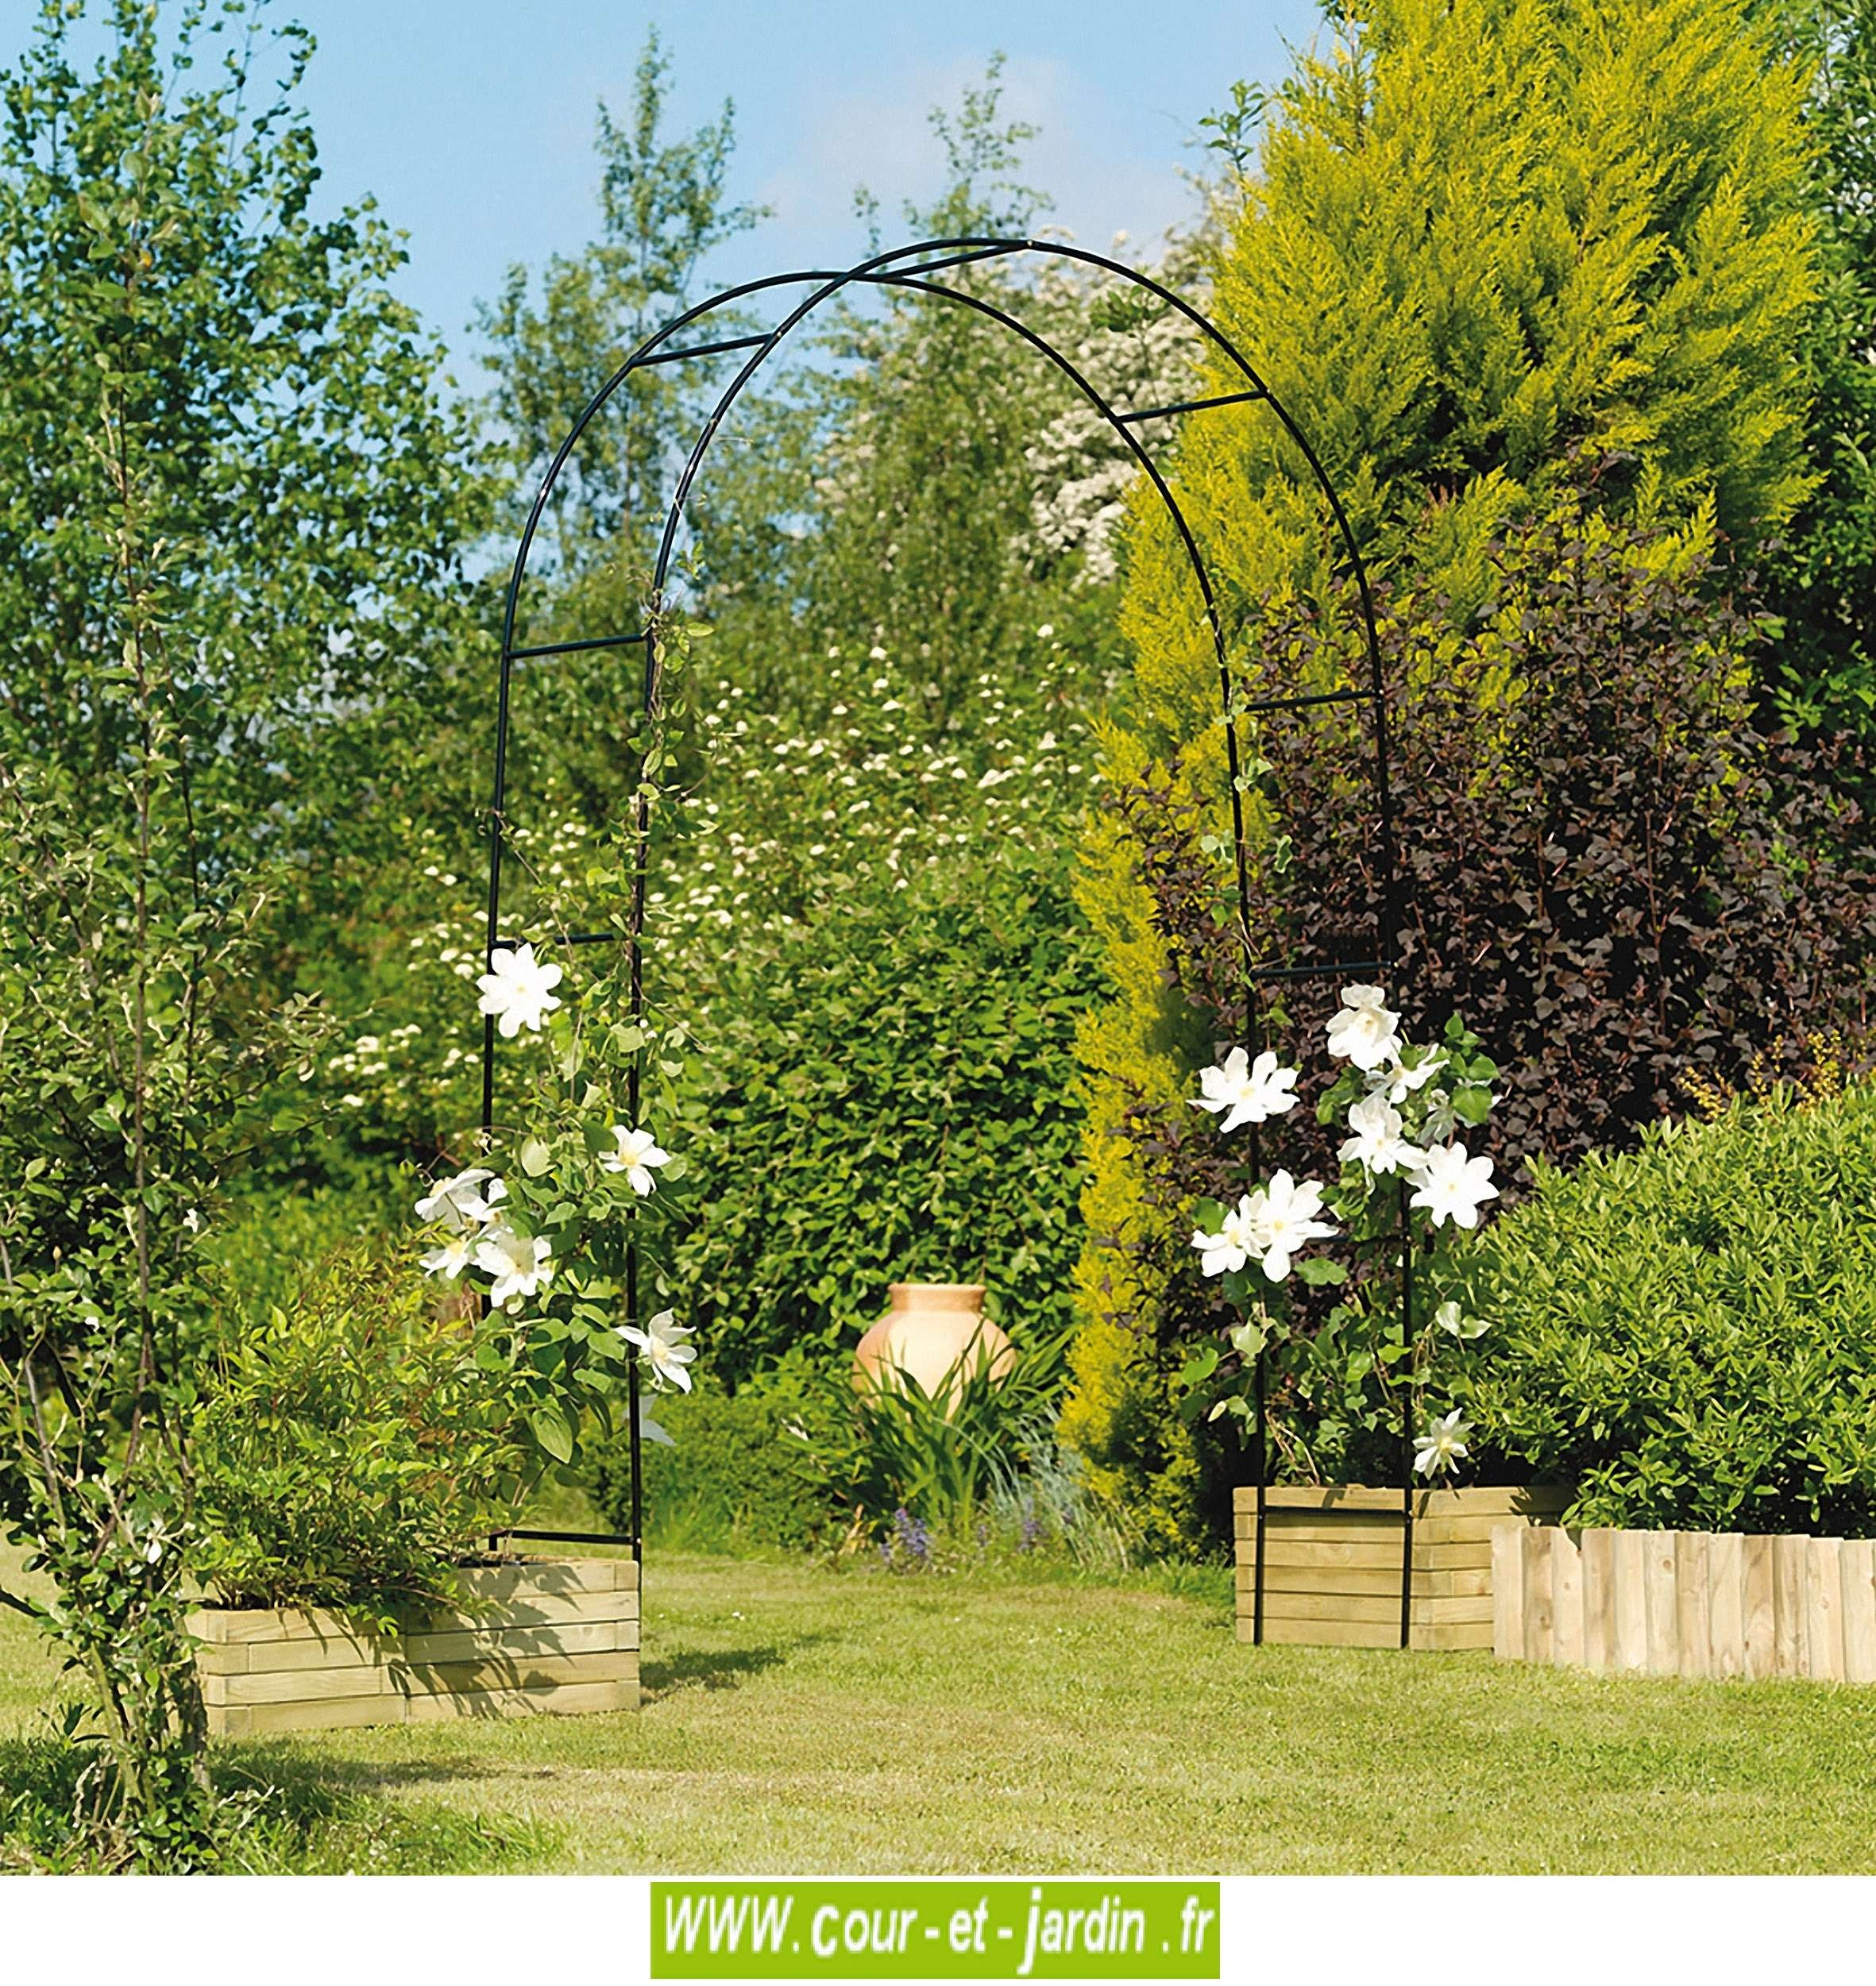 Arche De Jardin, En Métal Easy Arch - Pergola De Jardin ... dedans Arche De Jardin En Fer